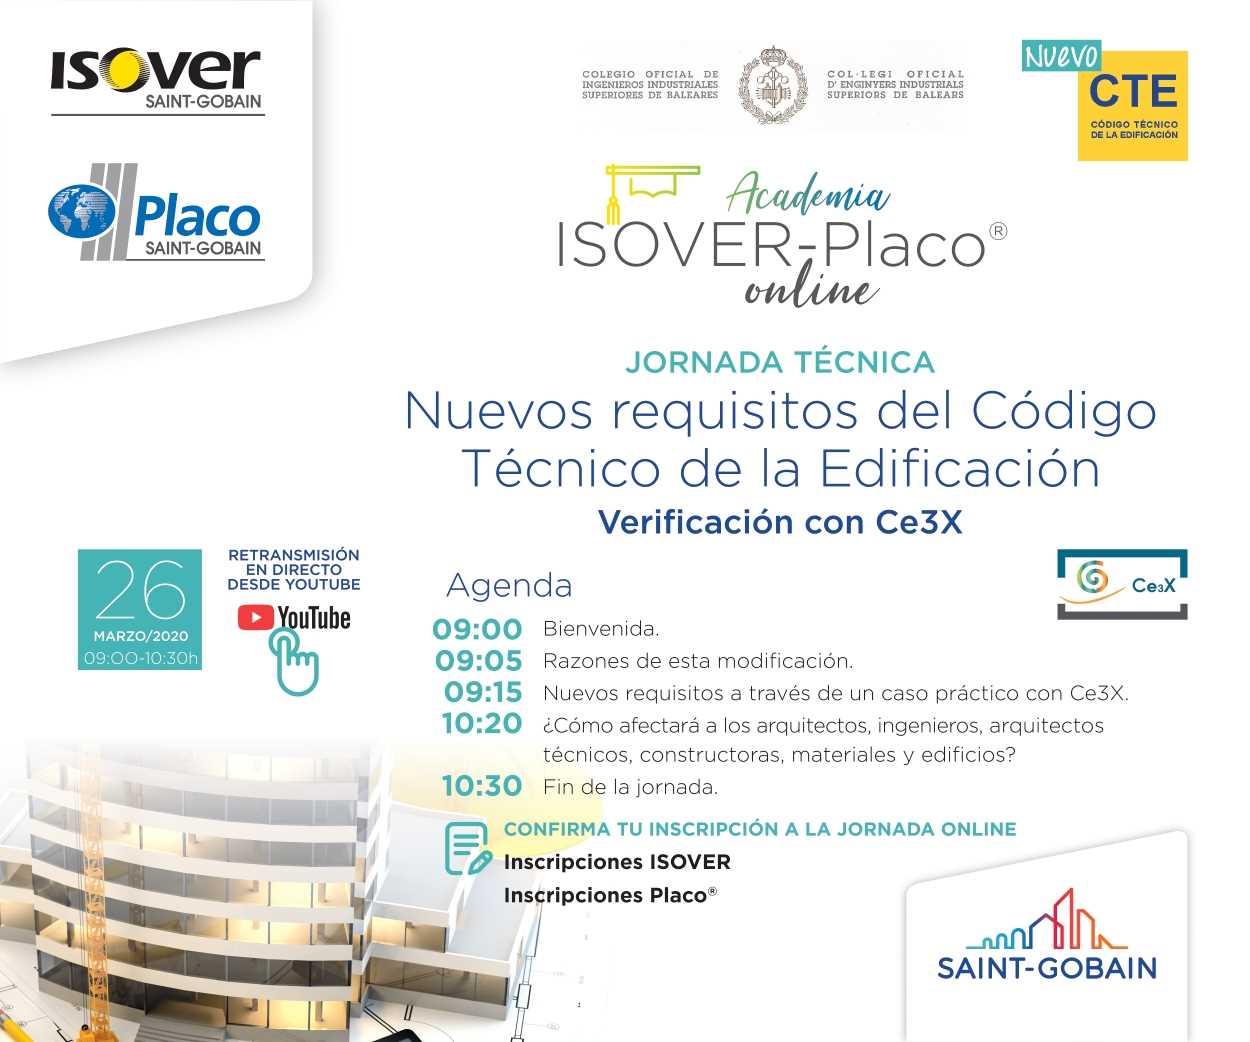 Imagen del evento JUEVES 26/03 YOUTUBE 9:00 h. JORNADA NUEVOS REQUISITOS DEL CTE Y COMO VERIFICARLOS CON CE3X